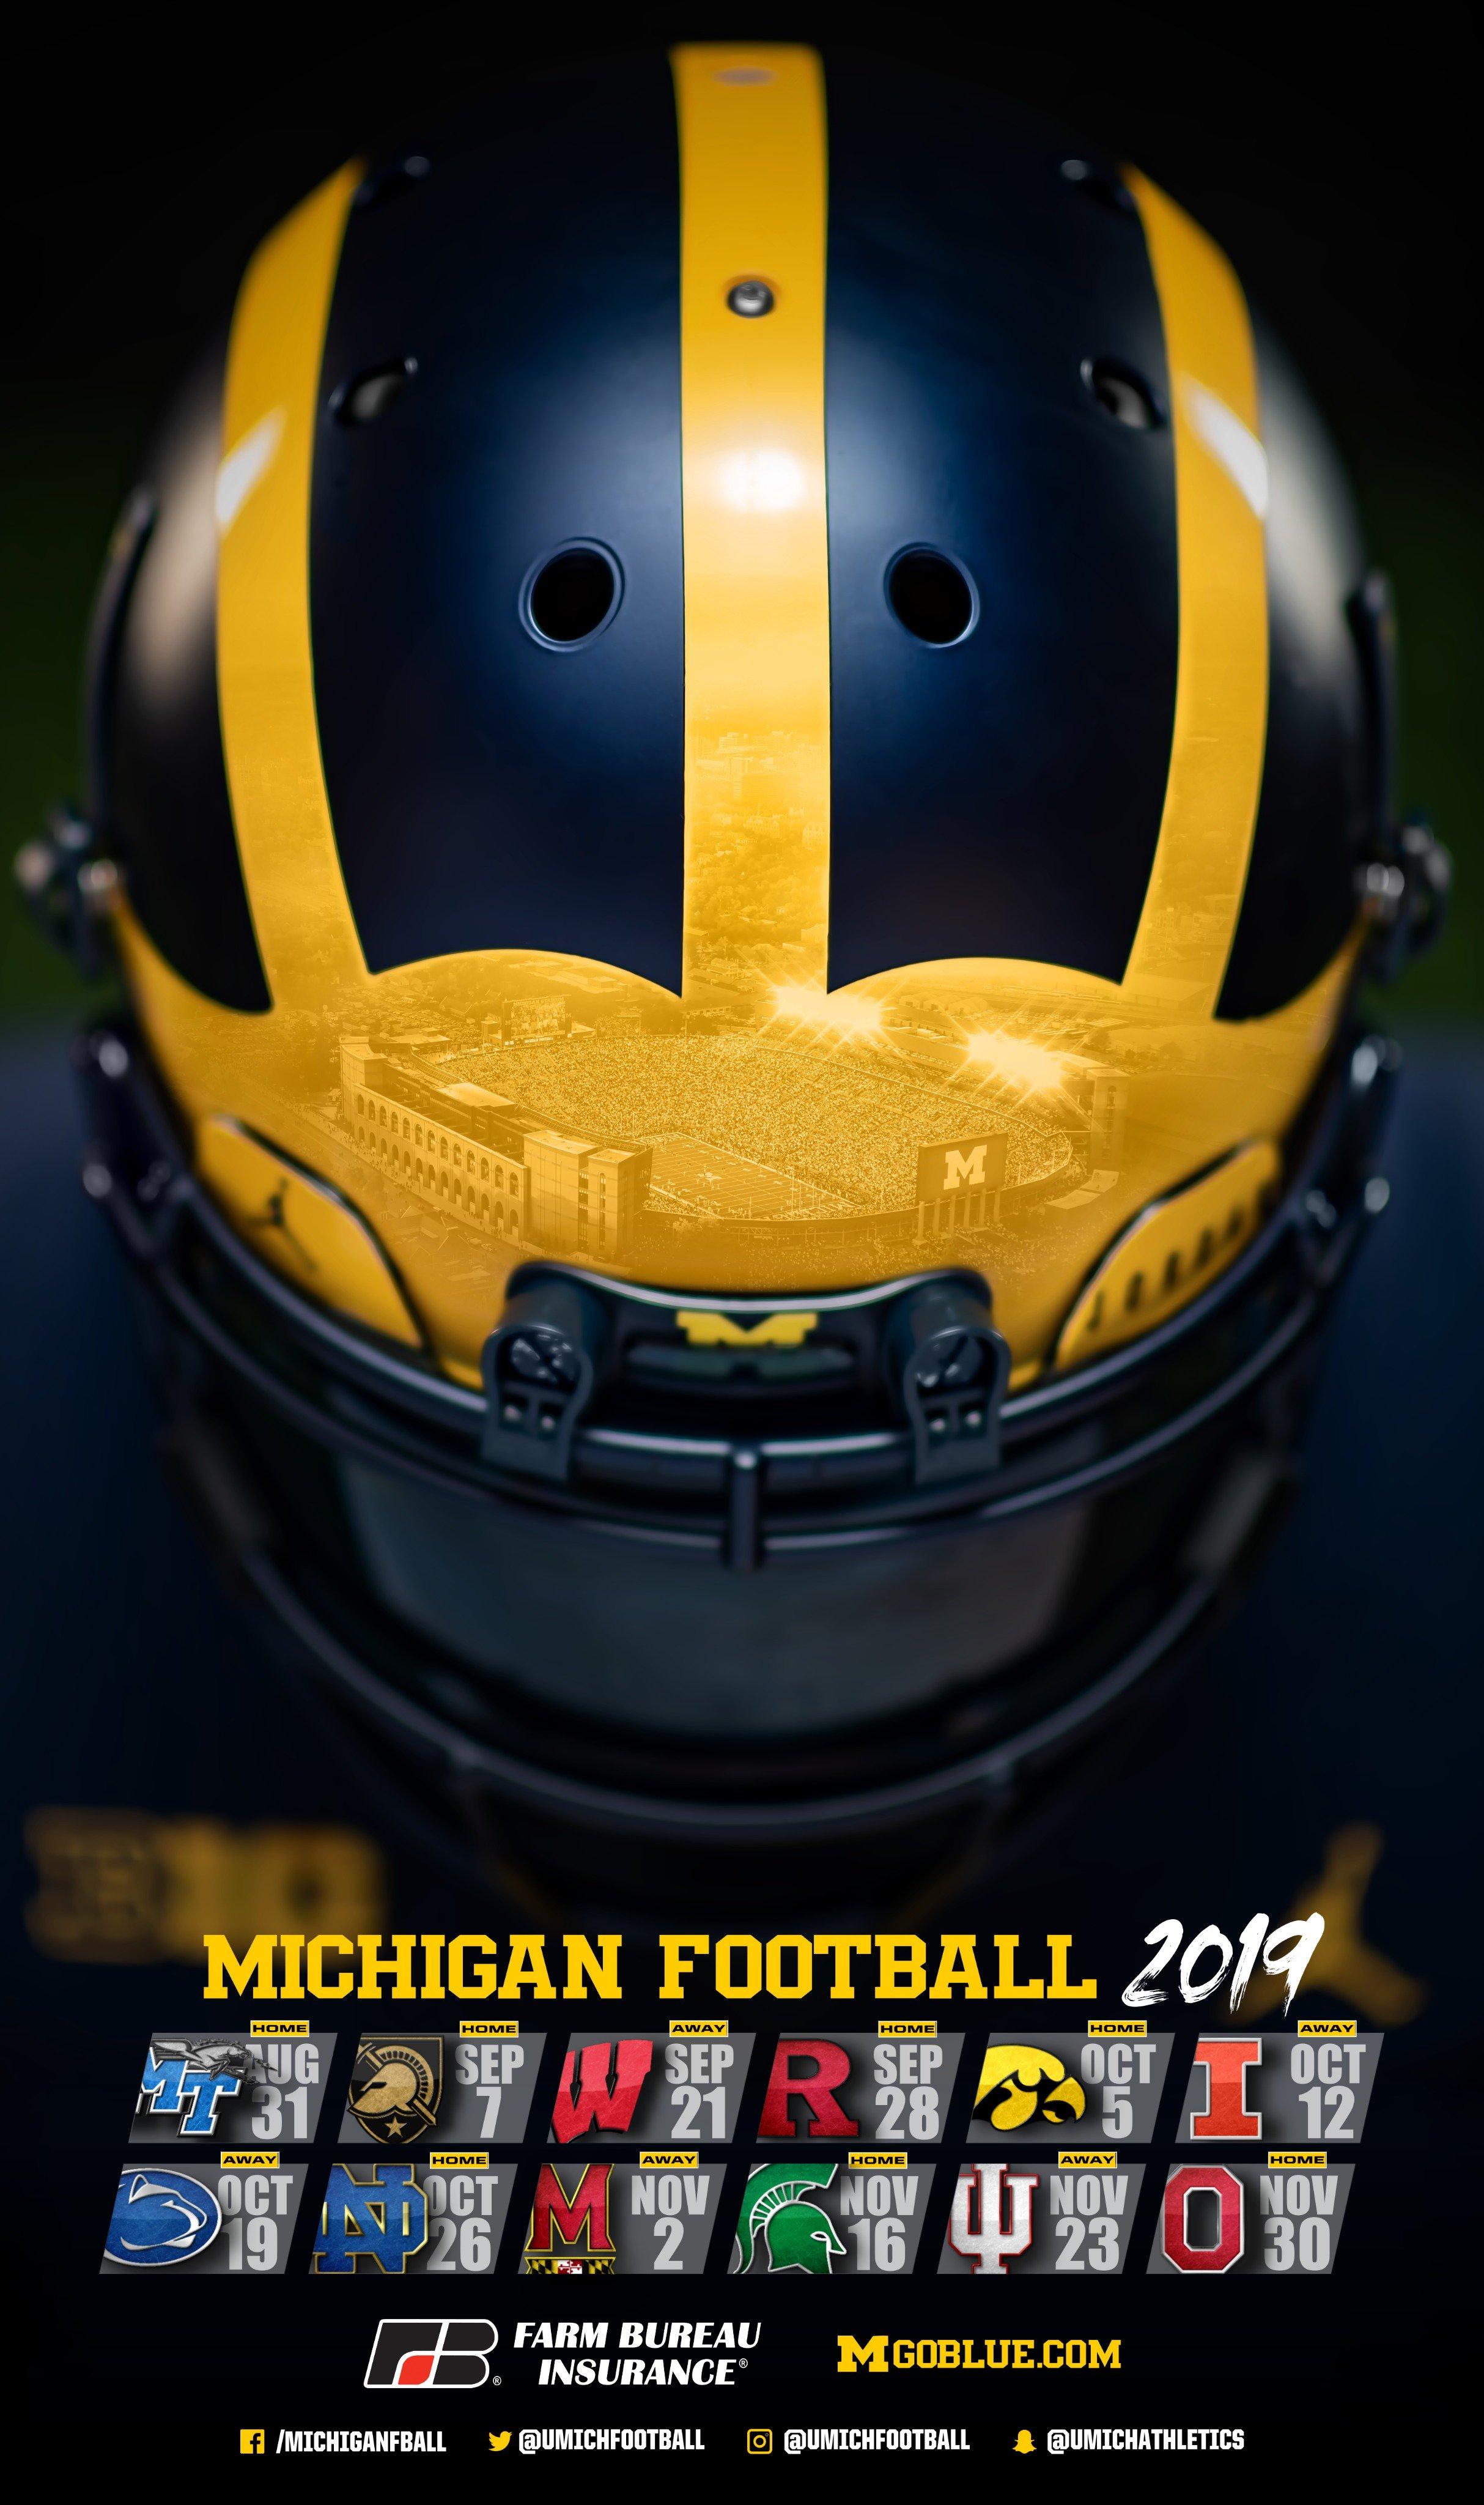 2019 Michigan Wolverines Football Schedule